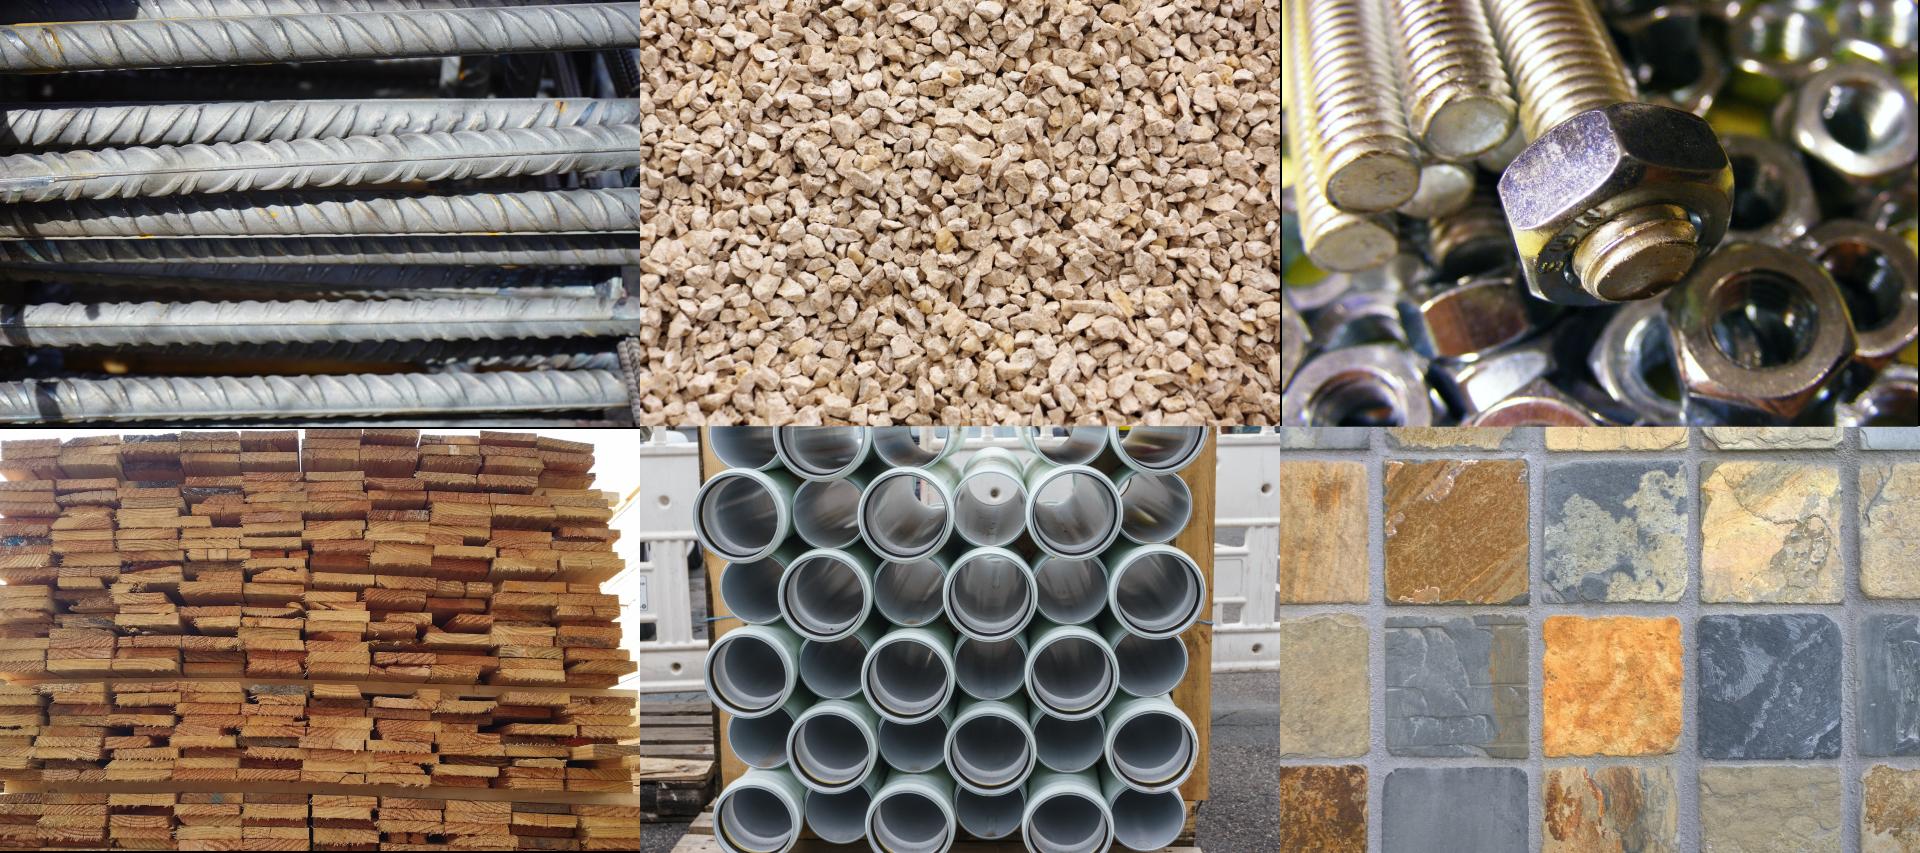 Empresas de Materiais de Construção  - Parceiro Premium